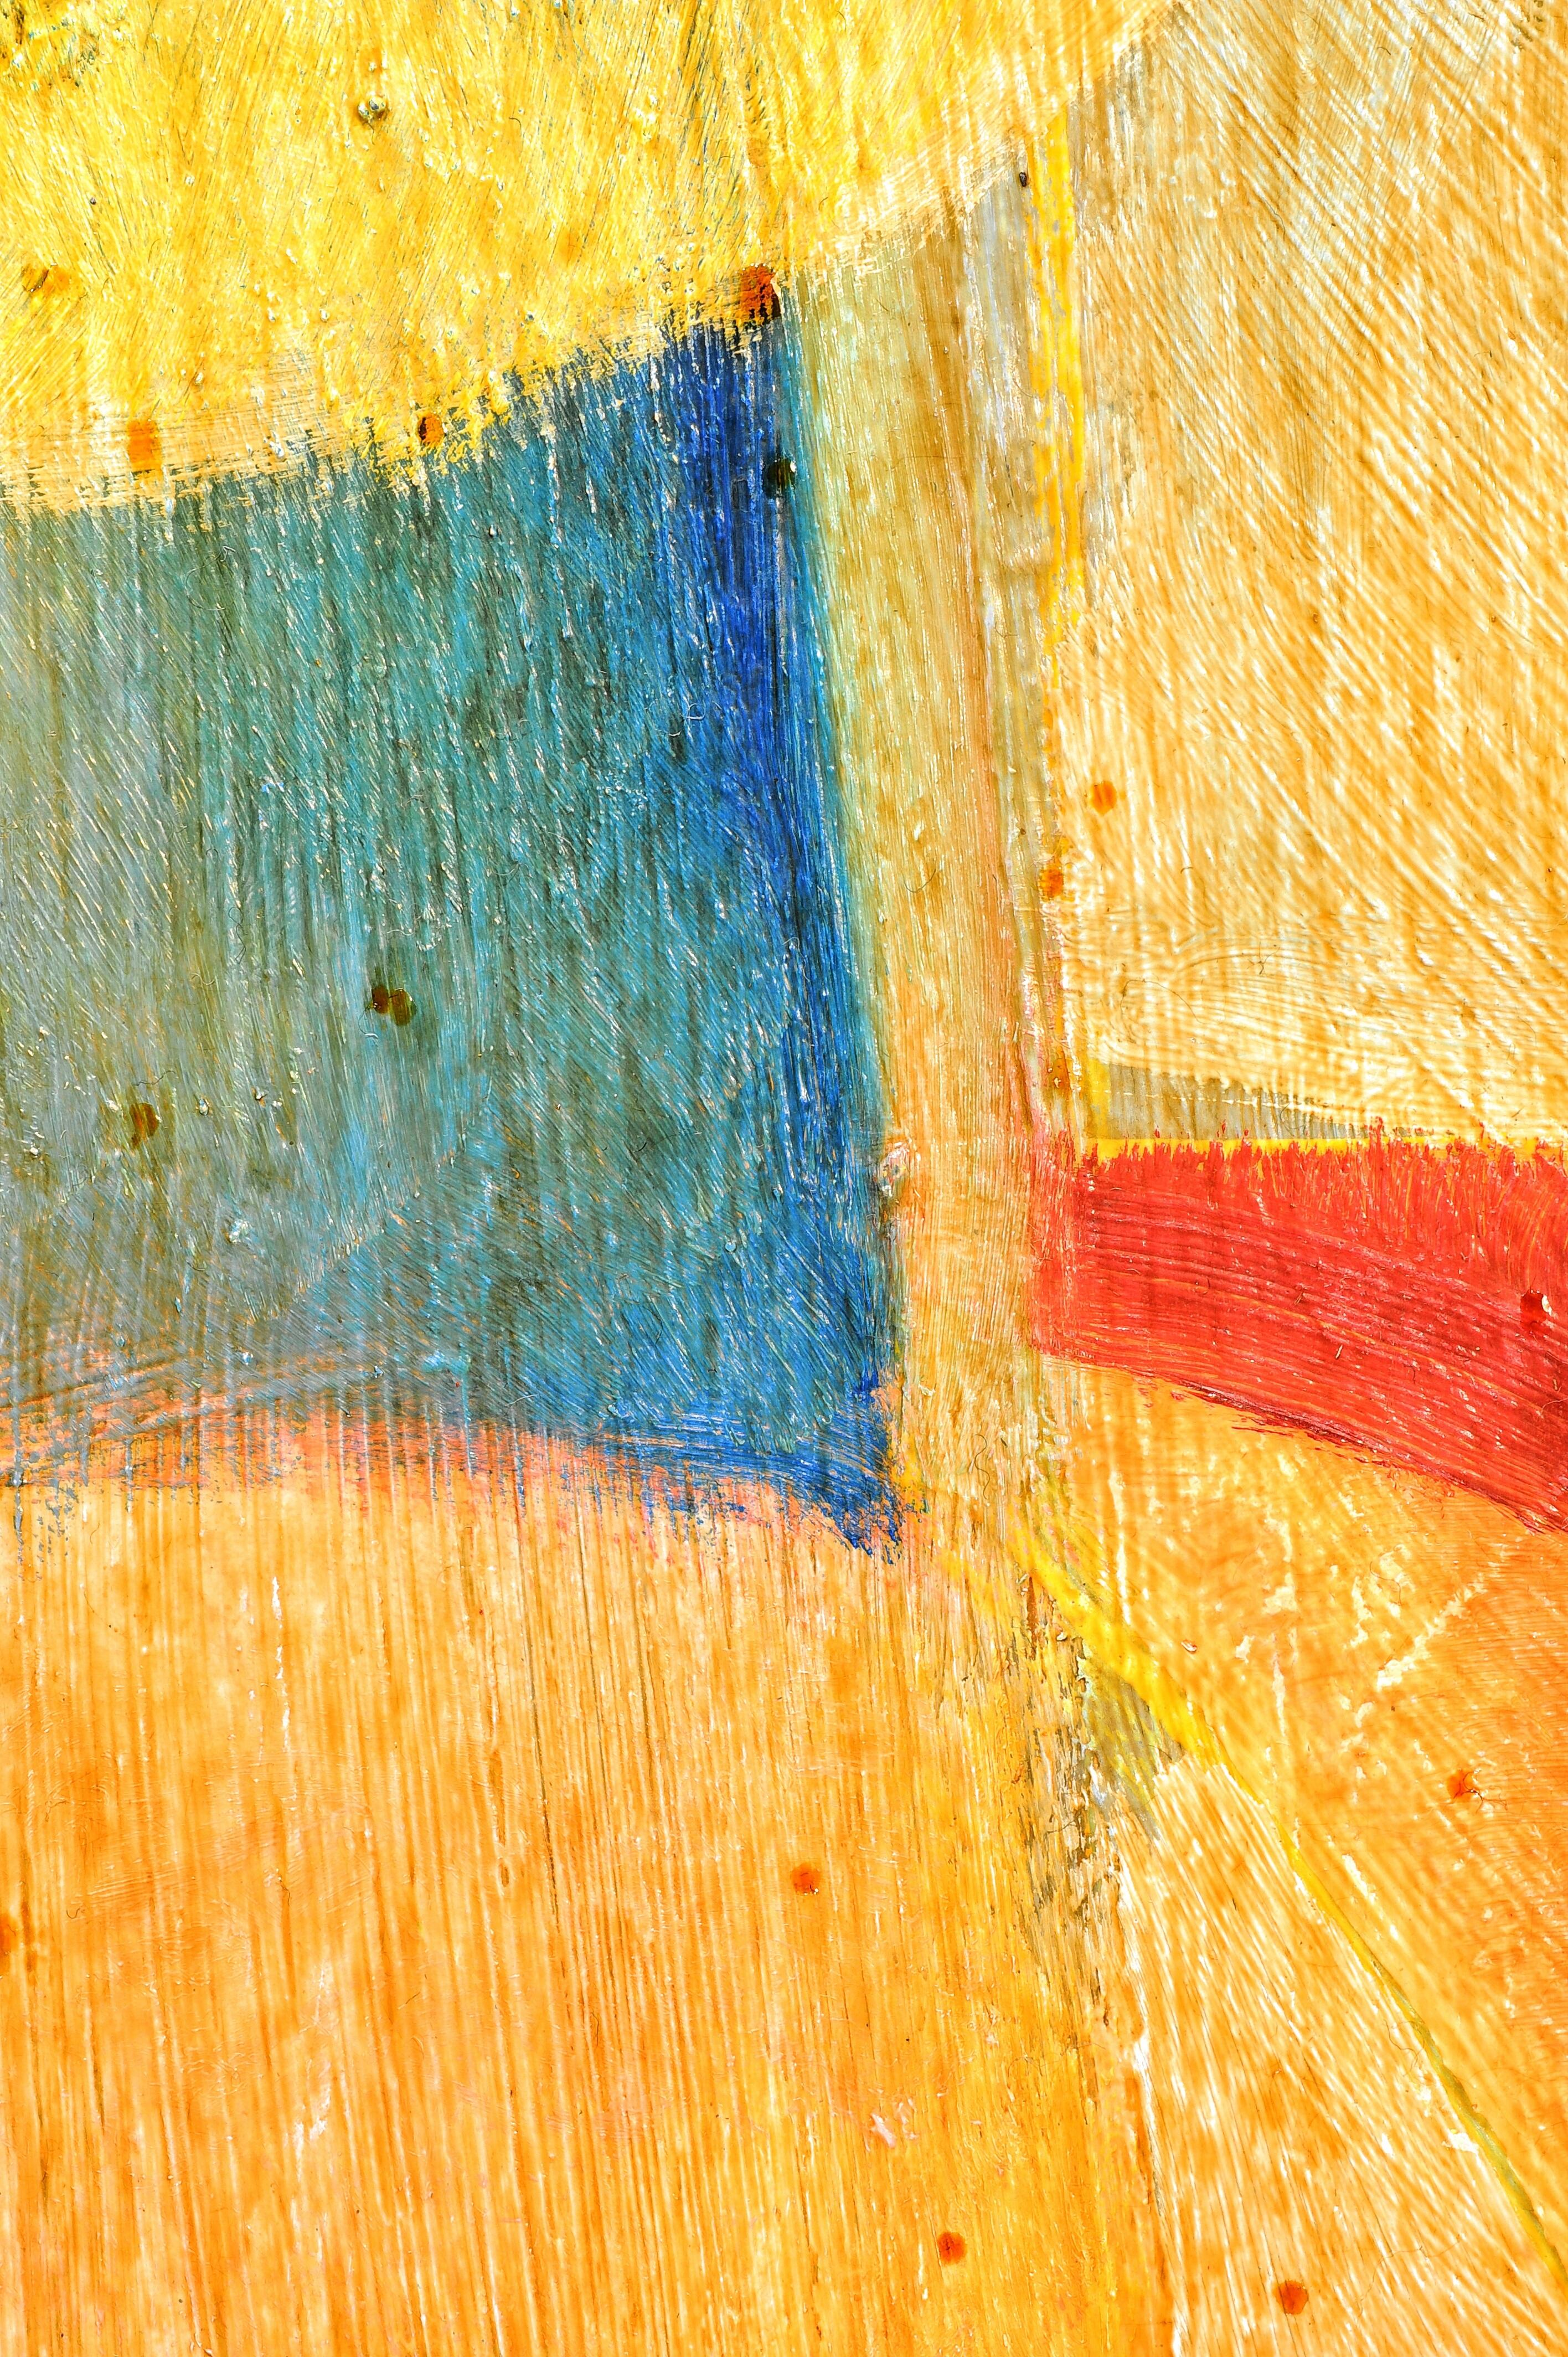 Images Gratuites Texture Feuille Mur Couleur Artiste Peindre